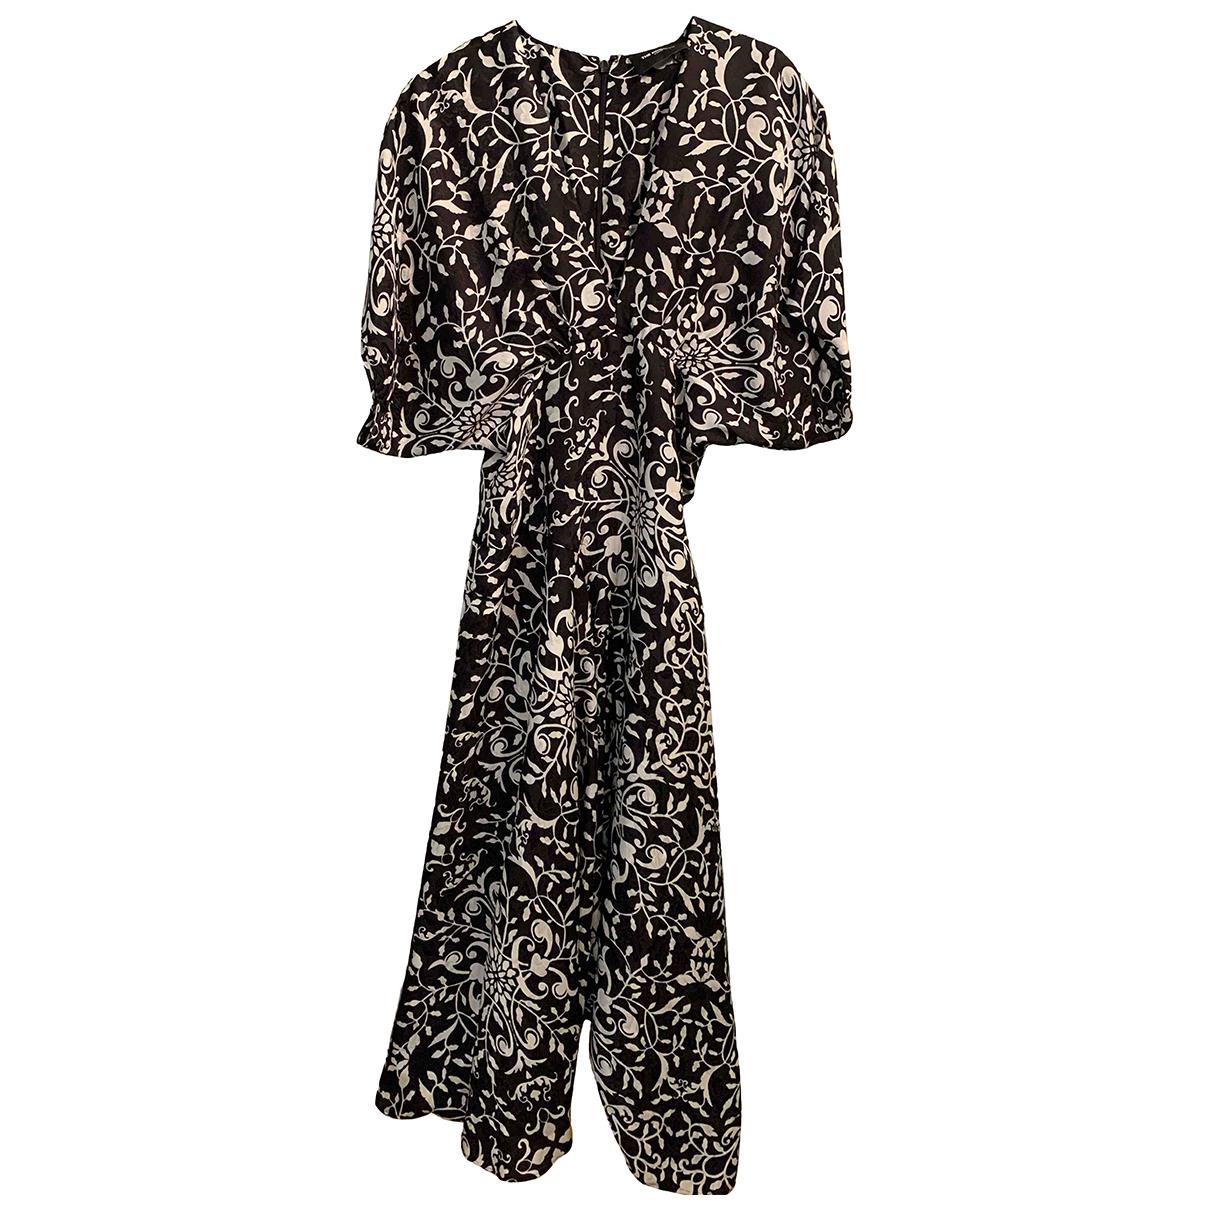 The Kooples Fall Winter 2019 Black dress for Women 0 0-5